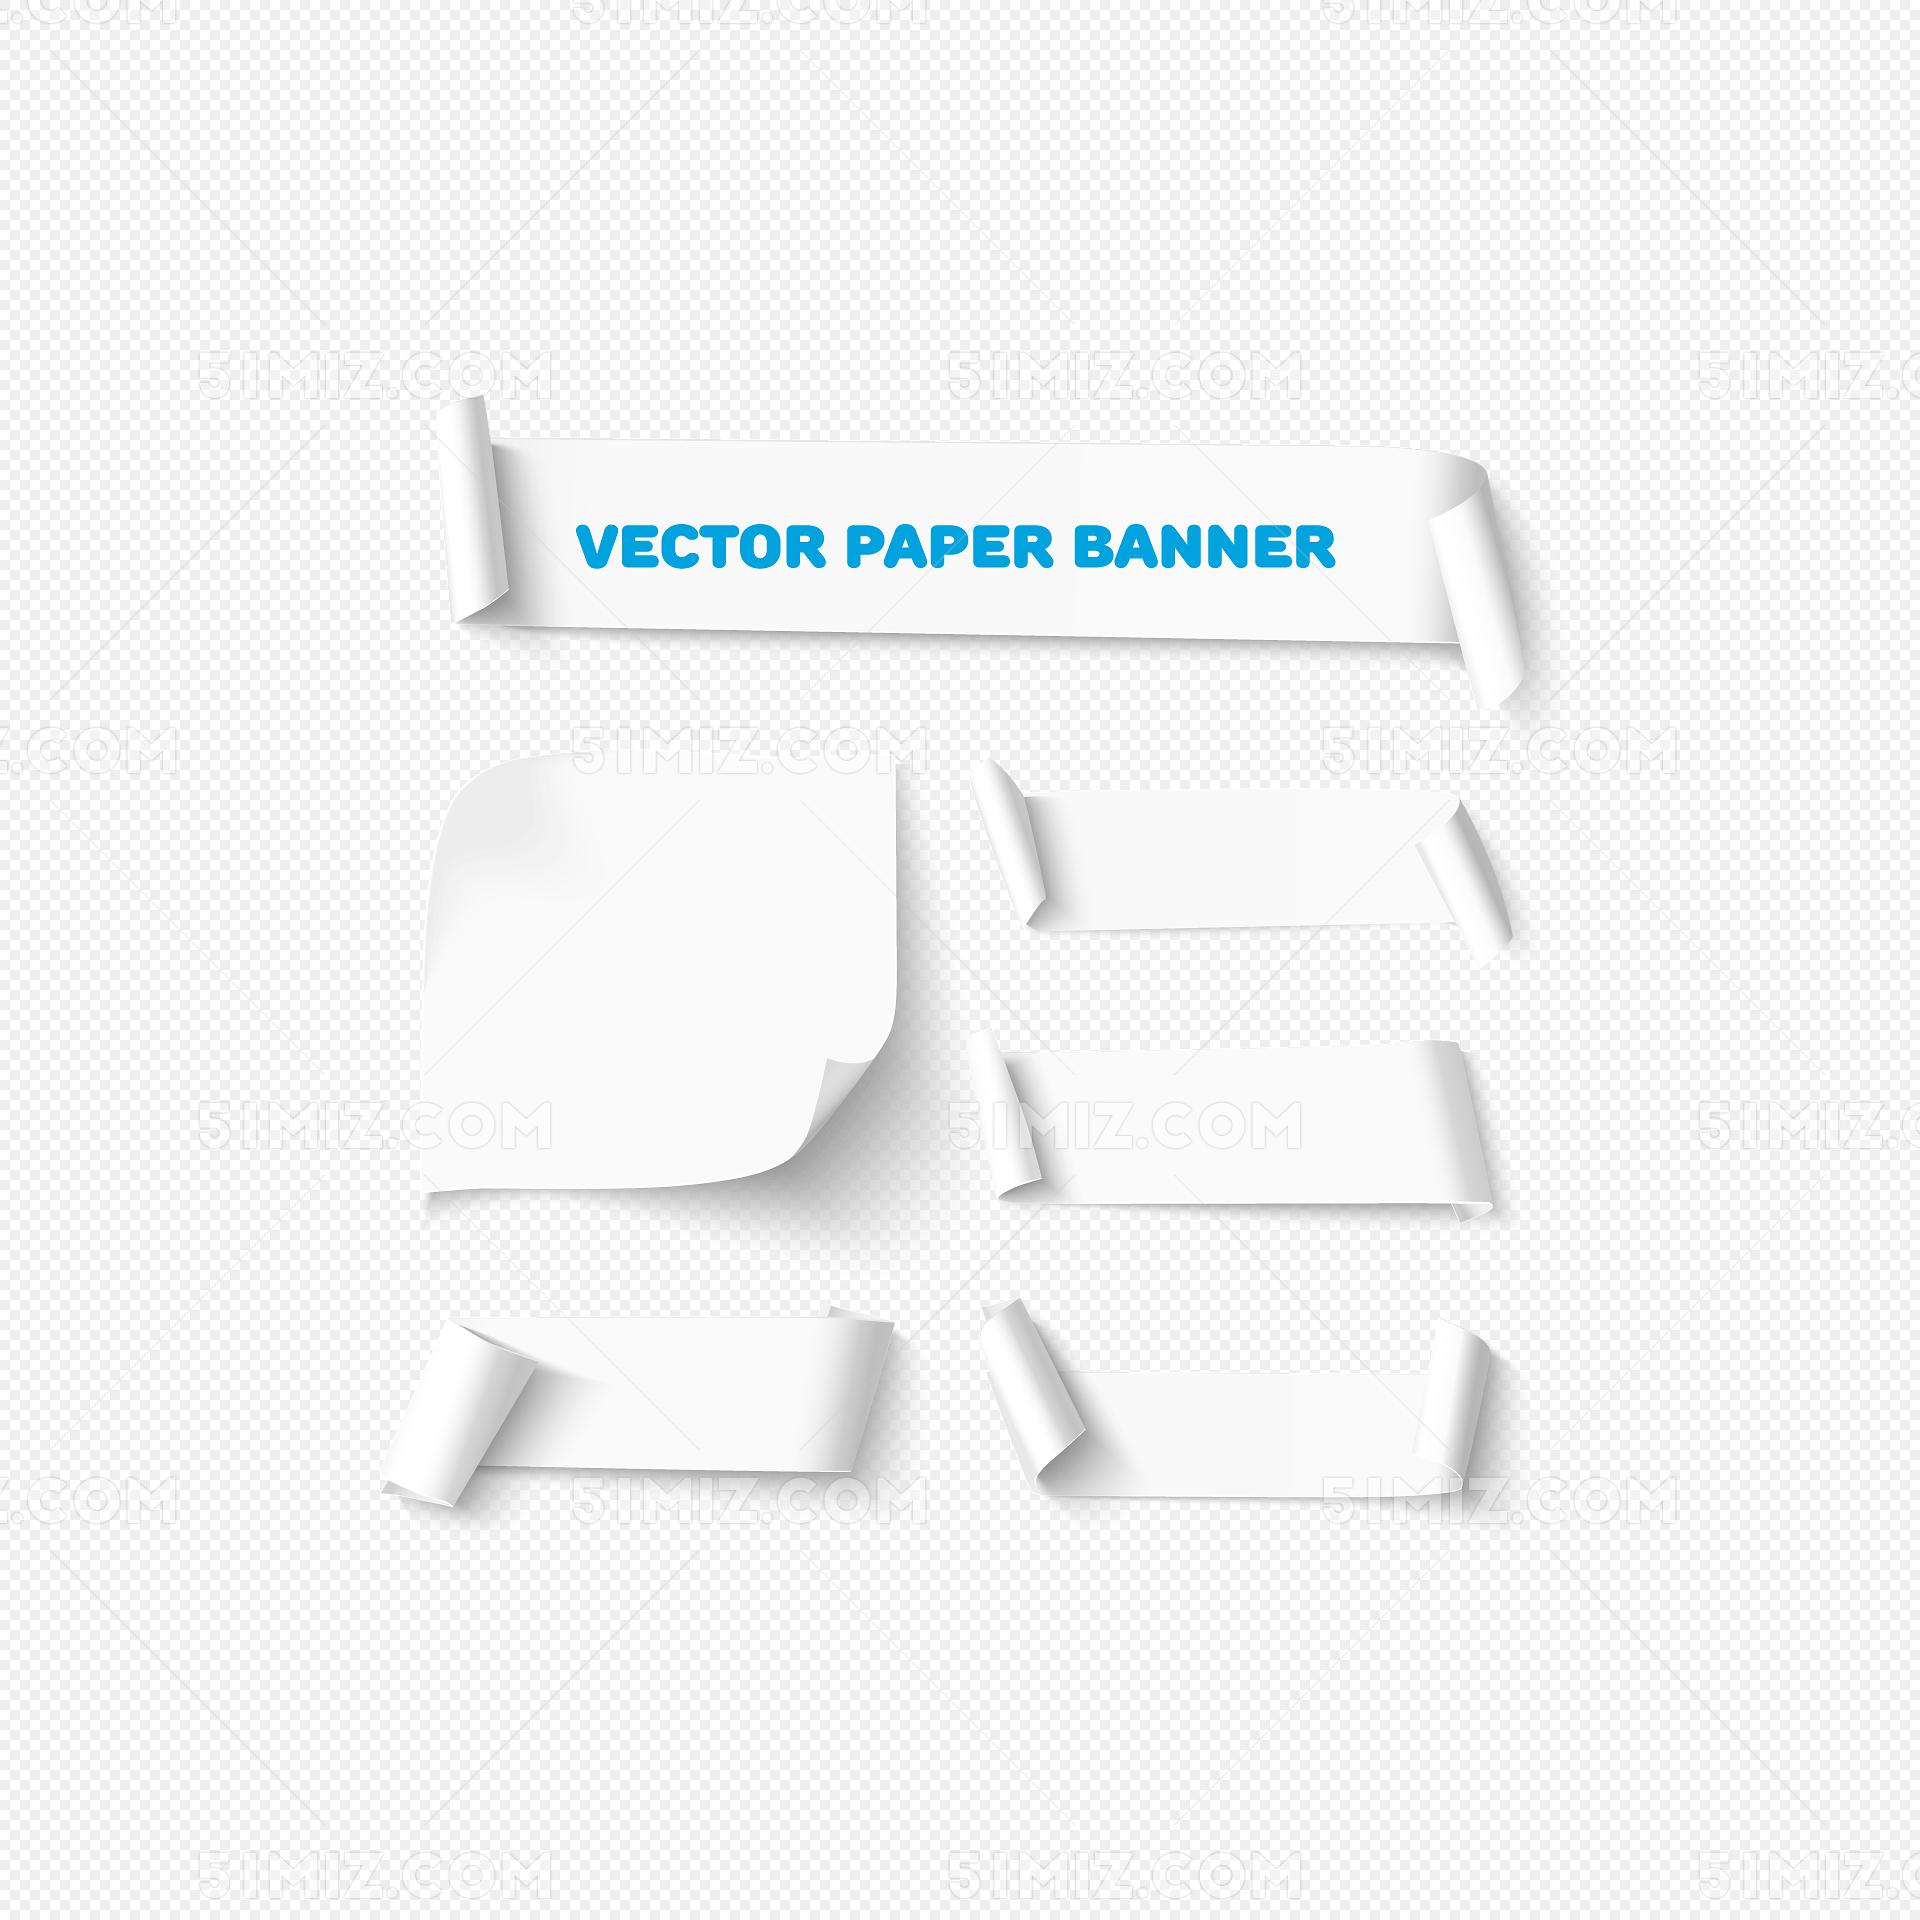 白色卷边纸张矢量图免费下载 白纸 纸张 卷边纸 矢